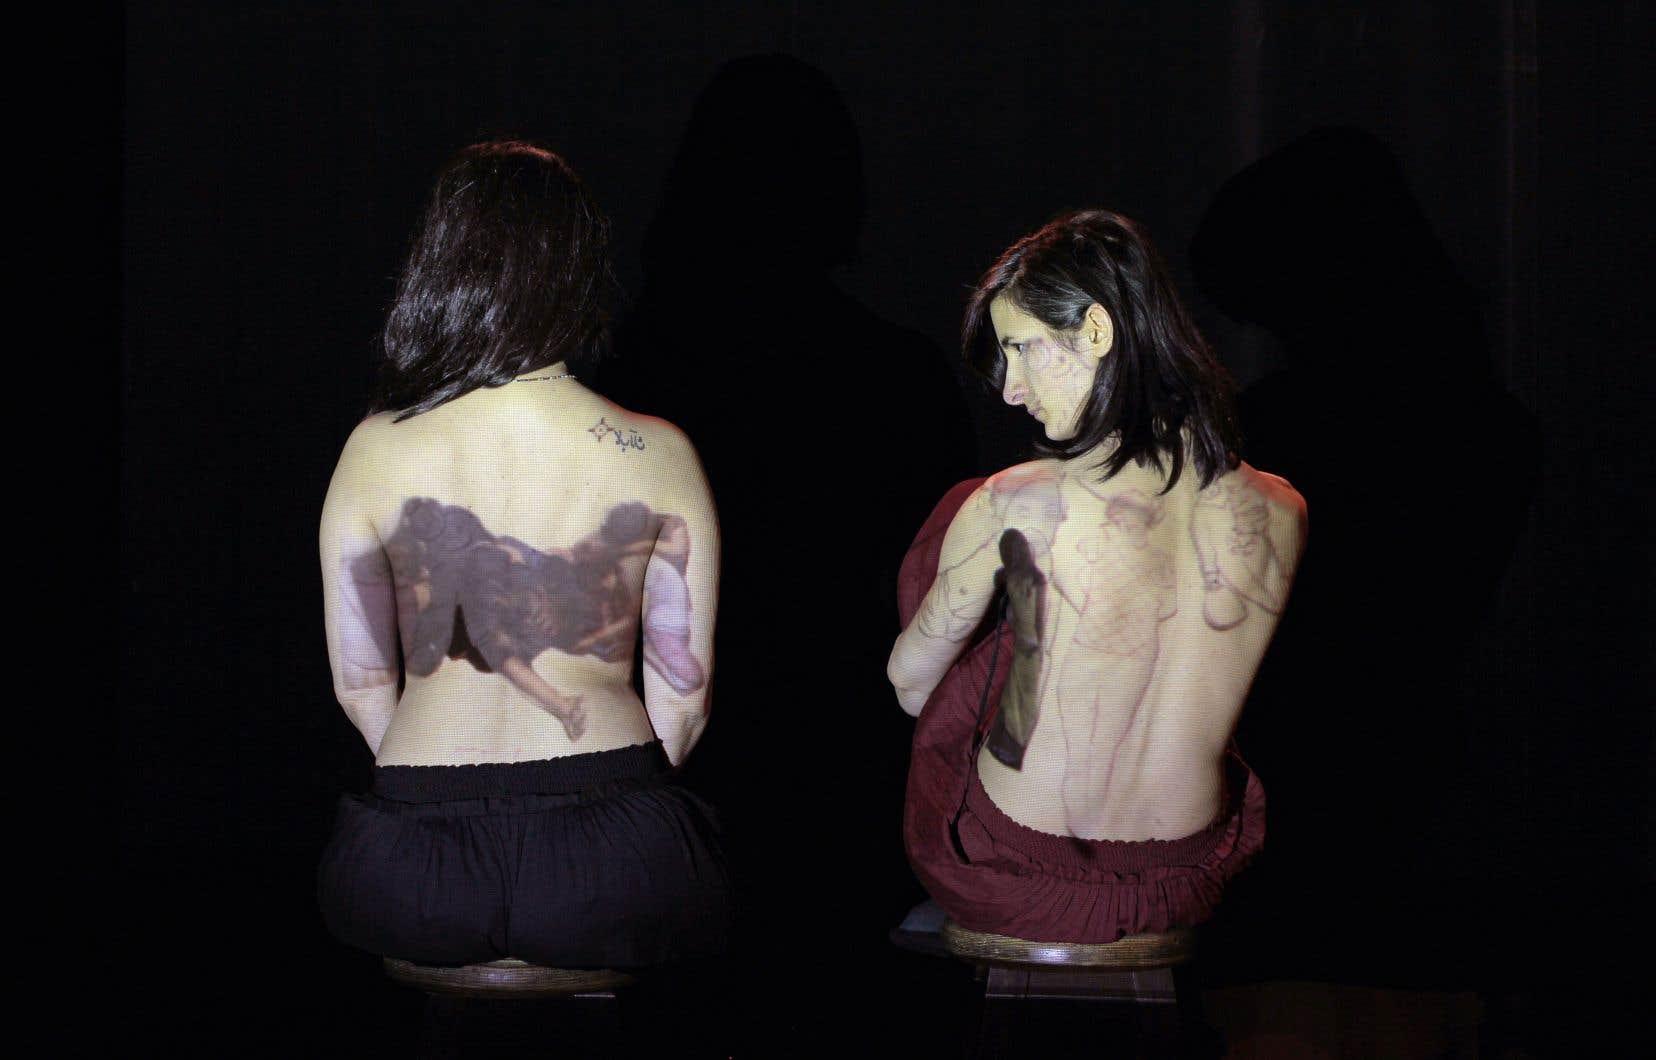 La performance créée par Ülfet Sevdi, artiste montréalaise d'origine turque, parle de femmes — et de jeunes filles — enlevées, que les déplacements ont rendues vulnérables au trafic sexuel et à la prostitution forcée.